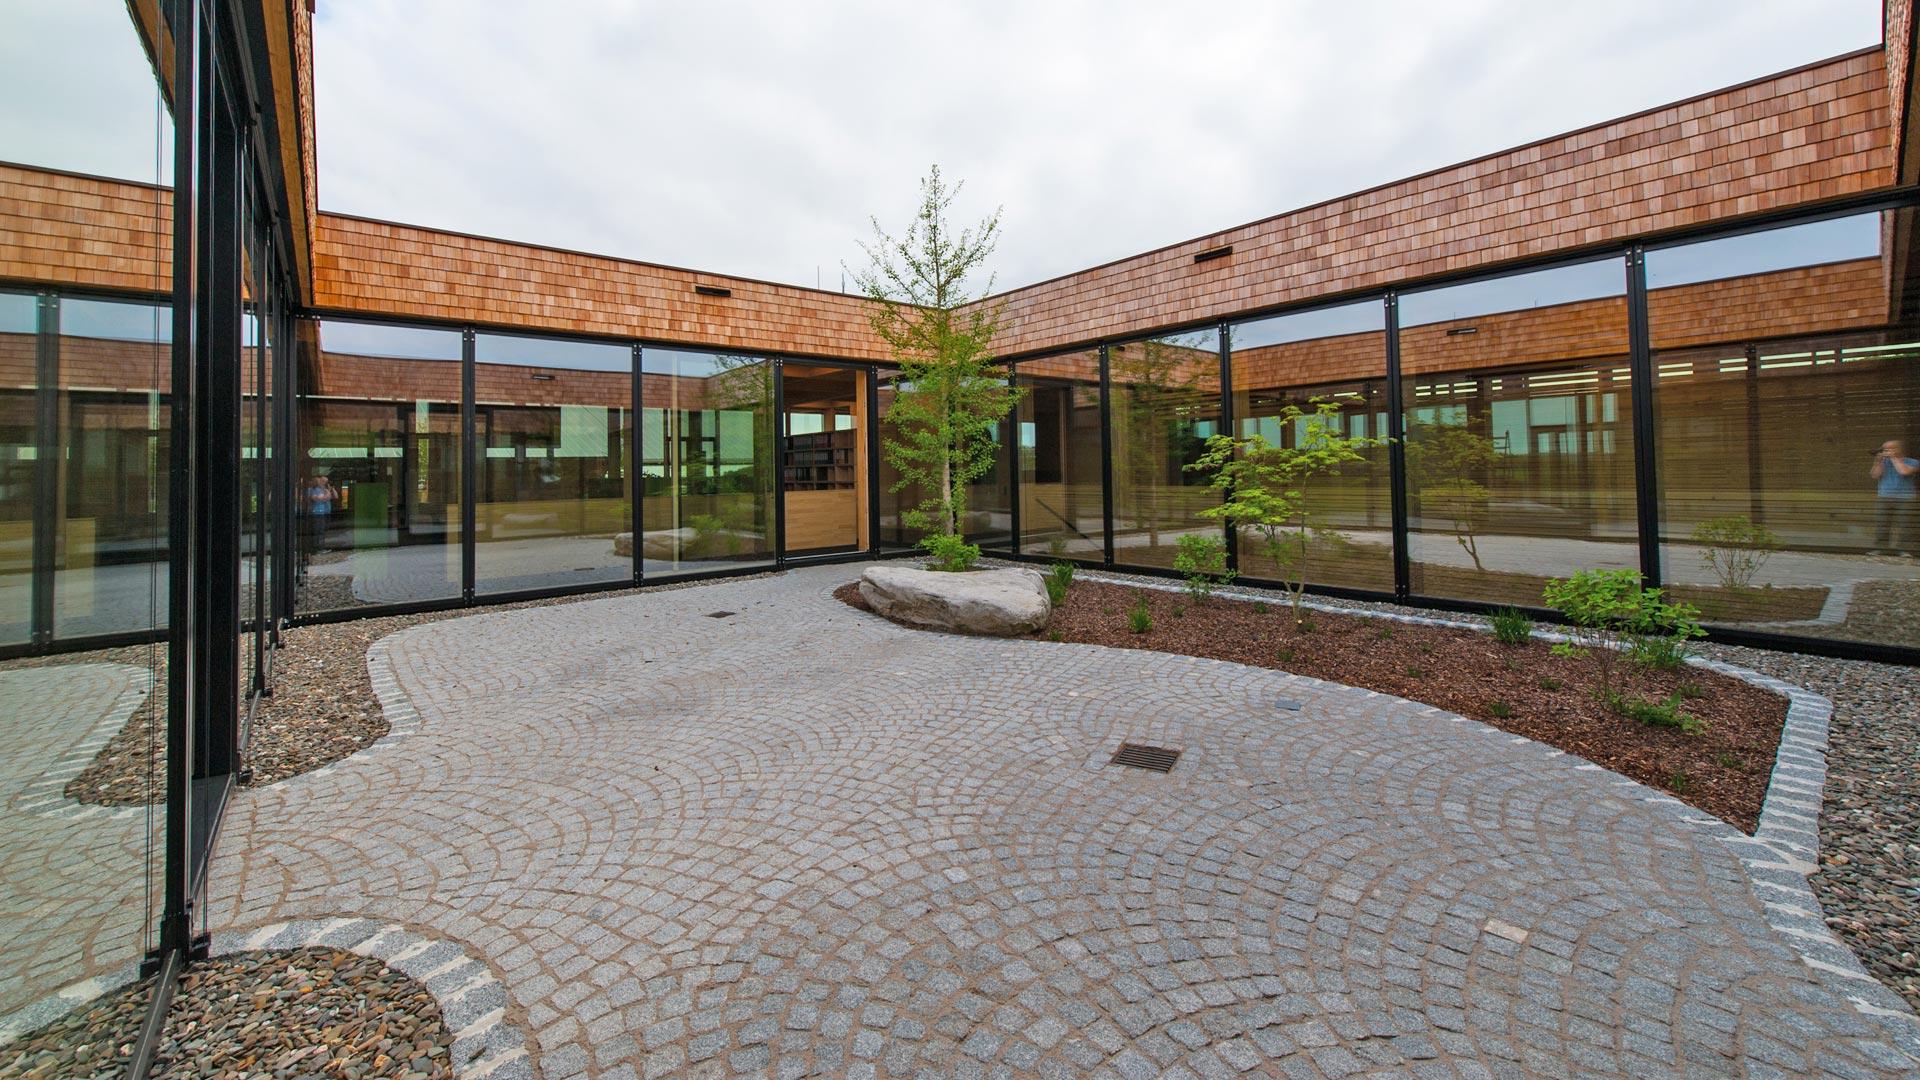 Gestaltung des Innenhofs eines Firmengebäudes nach Feng Shui und Geomantie durch das Architekturbüro atelier8 in Frankfurt